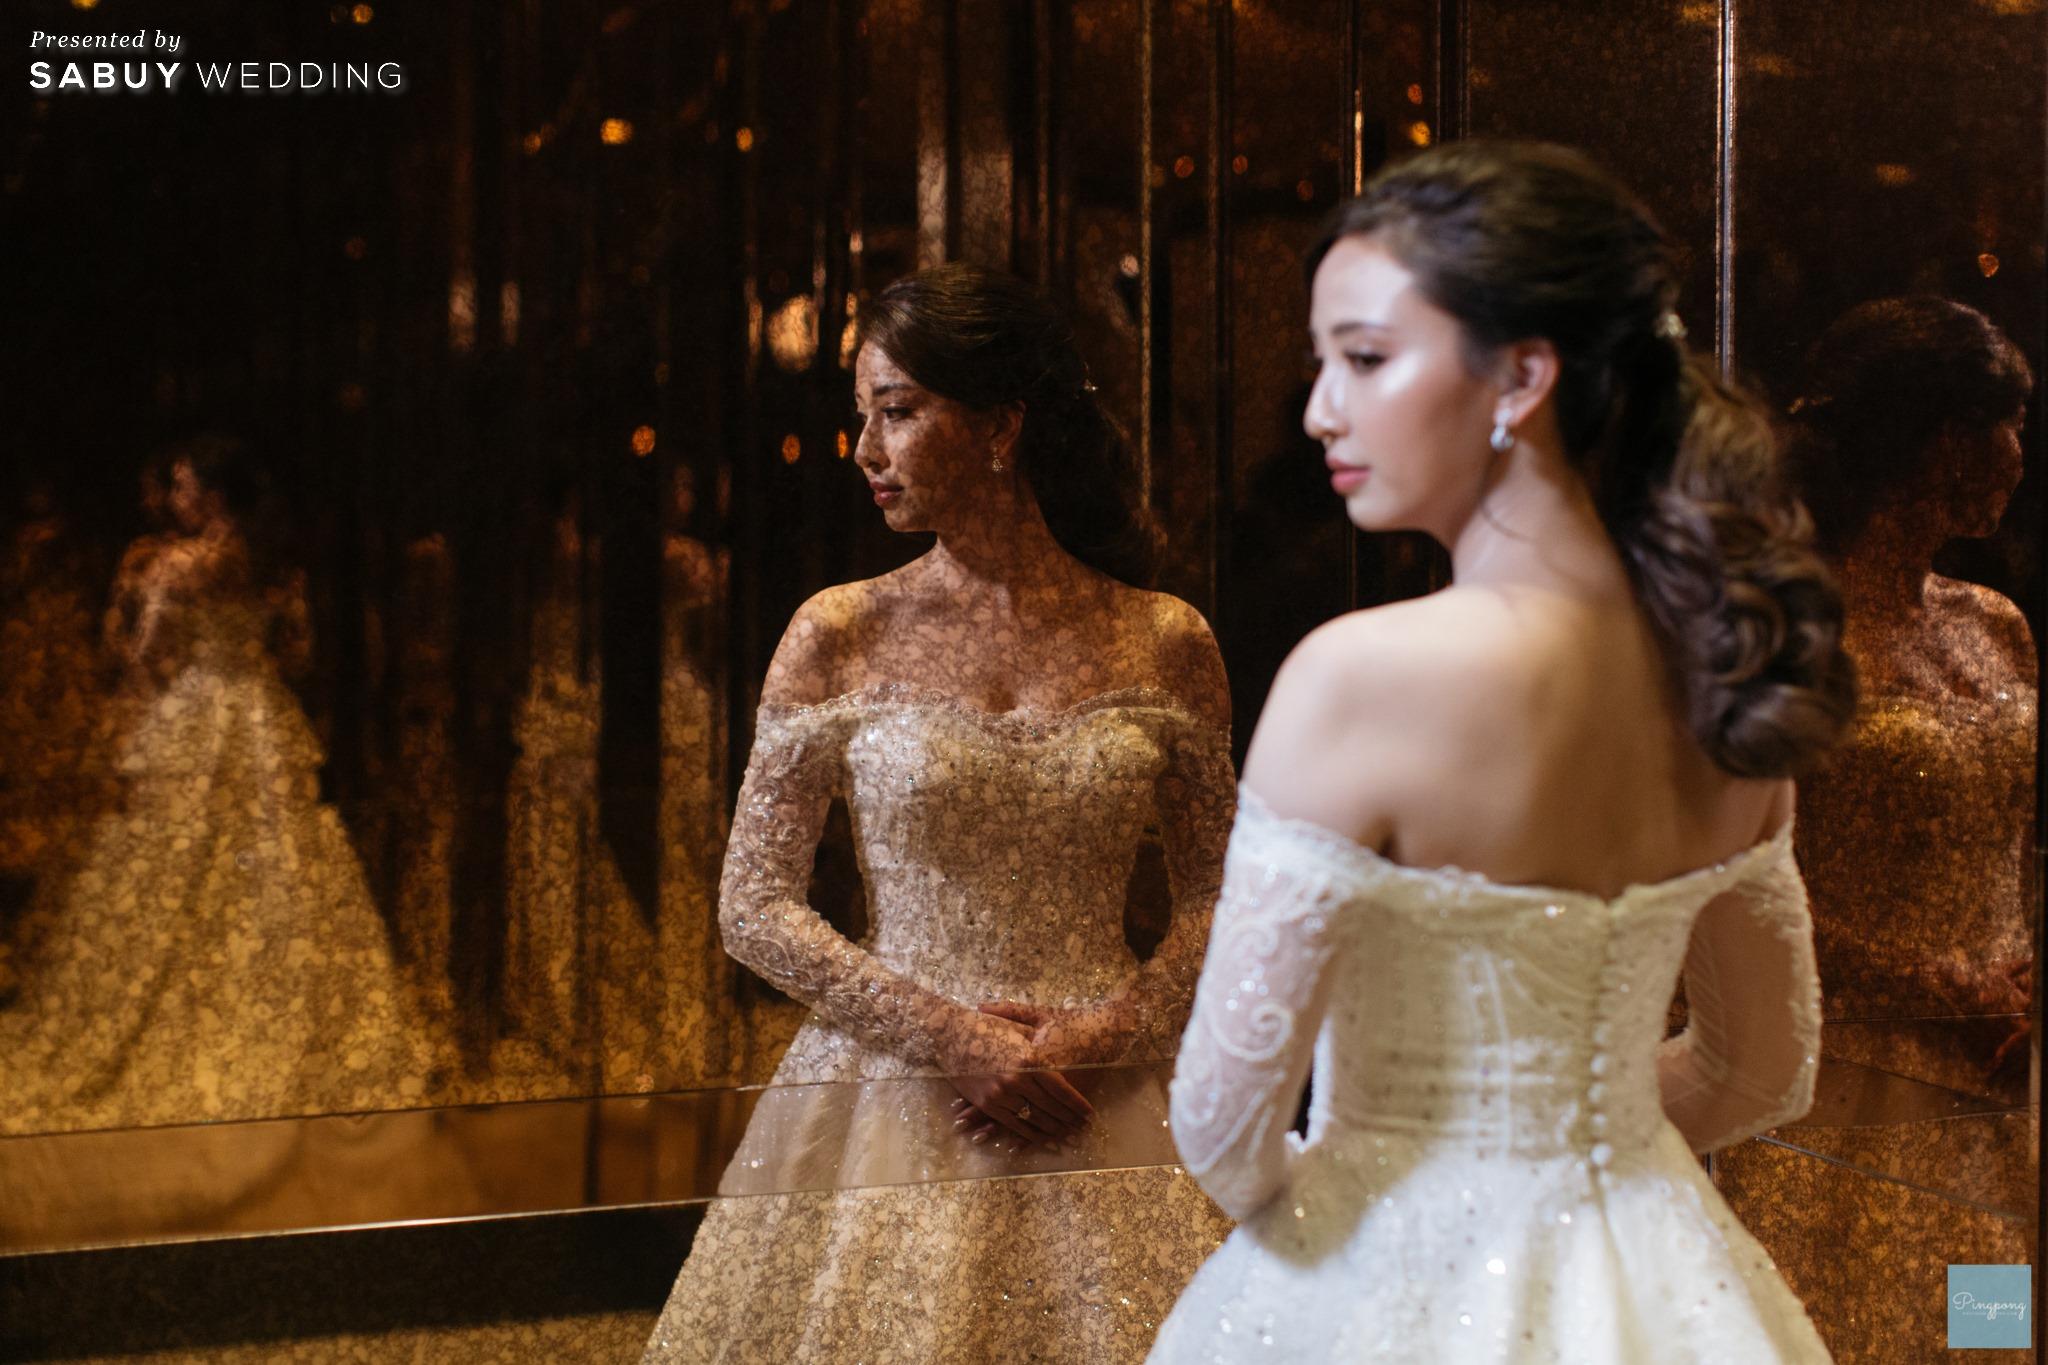 เจ้าสาว,ชุดแต่งงาน,ชุดเจ้าสาว รีวิวงานแต่งโมเดิร์นหวานละมุน อบอุ่นในโทนครีมชมพู @ Hyatt Regency Bangkok Sukhumvit